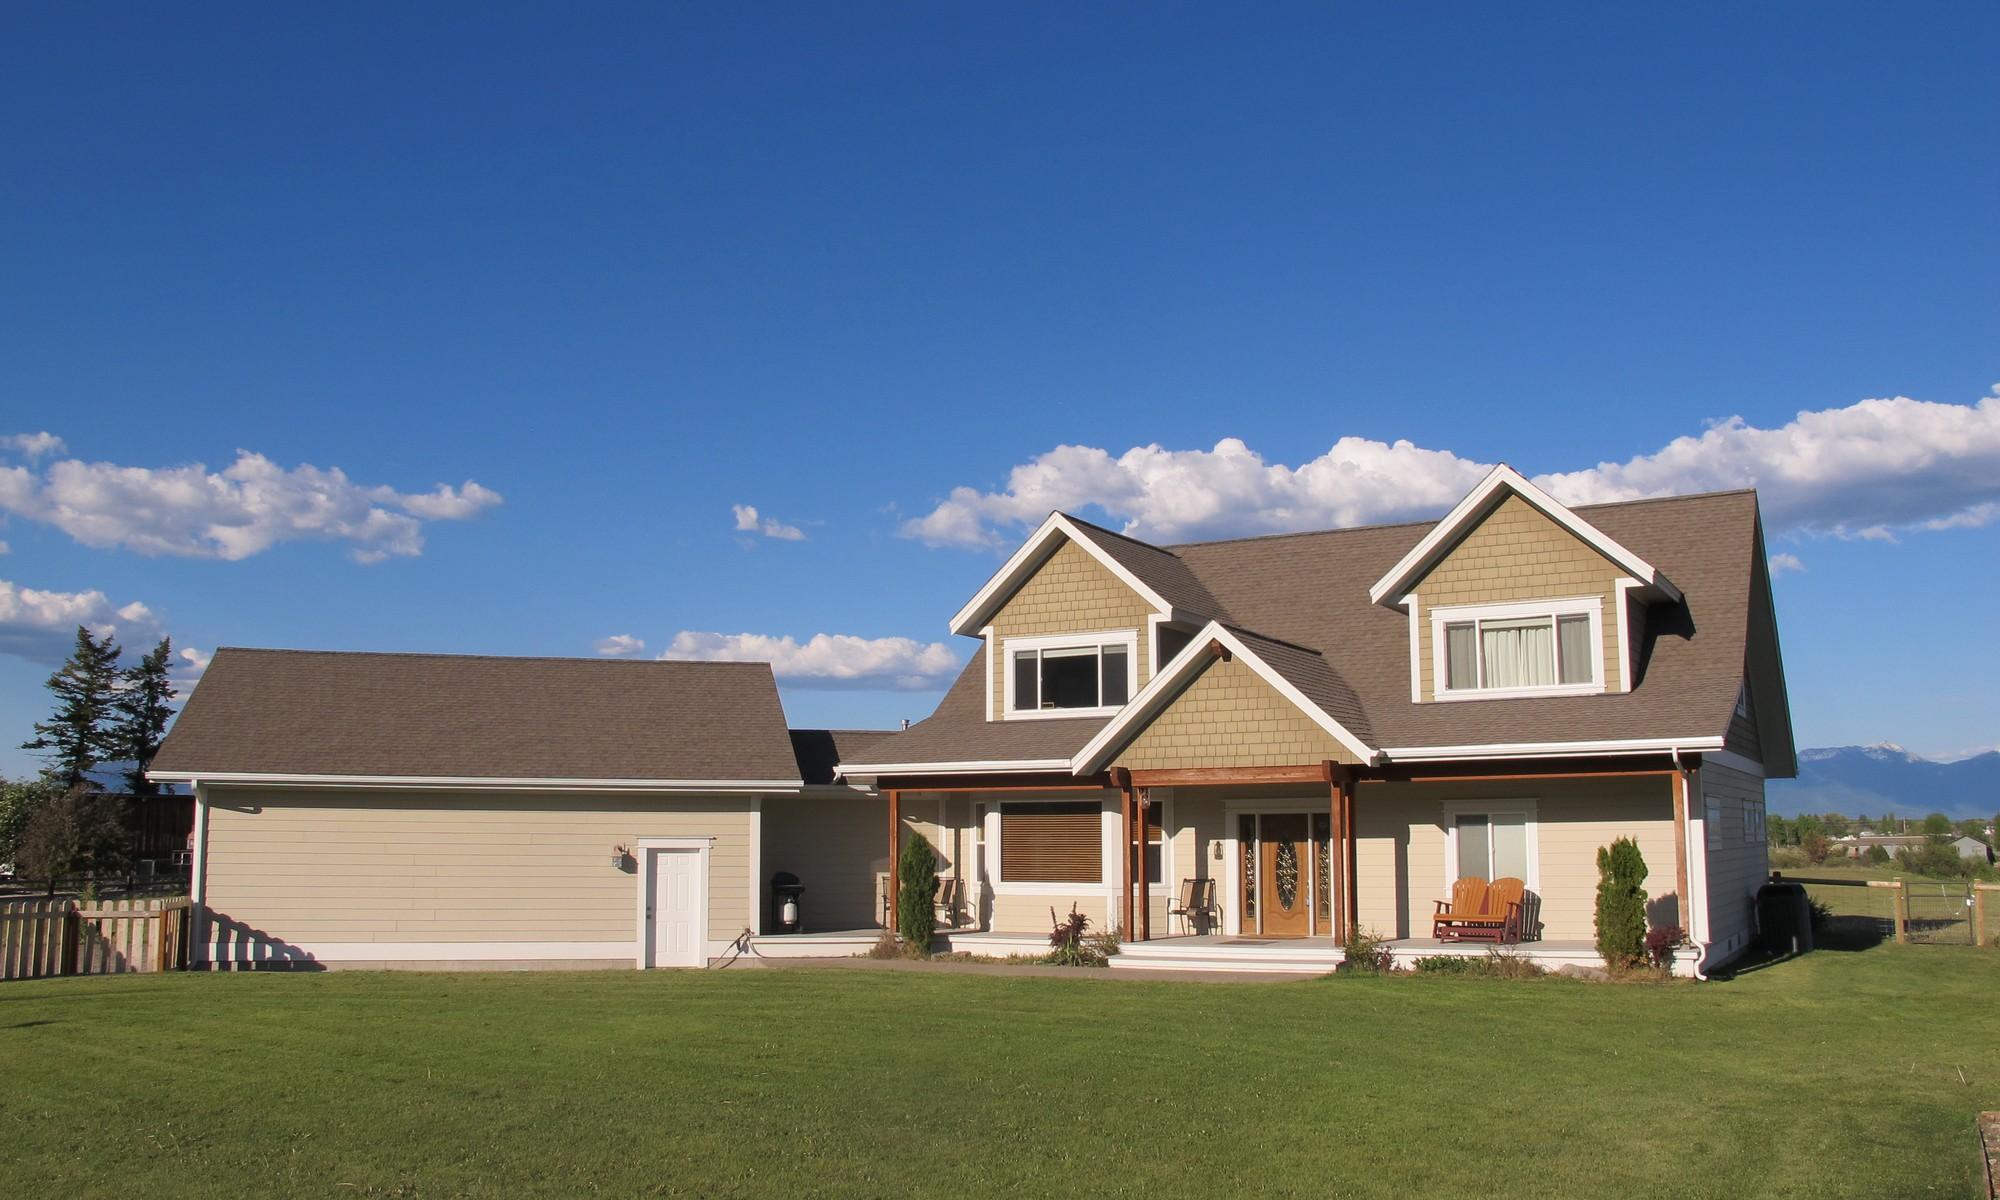 Einfamilienhaus für Verkauf beim Custom Craftsman Home 229 Morning Star Drive Kalispell, Montana 59901 Vereinigte Staaten